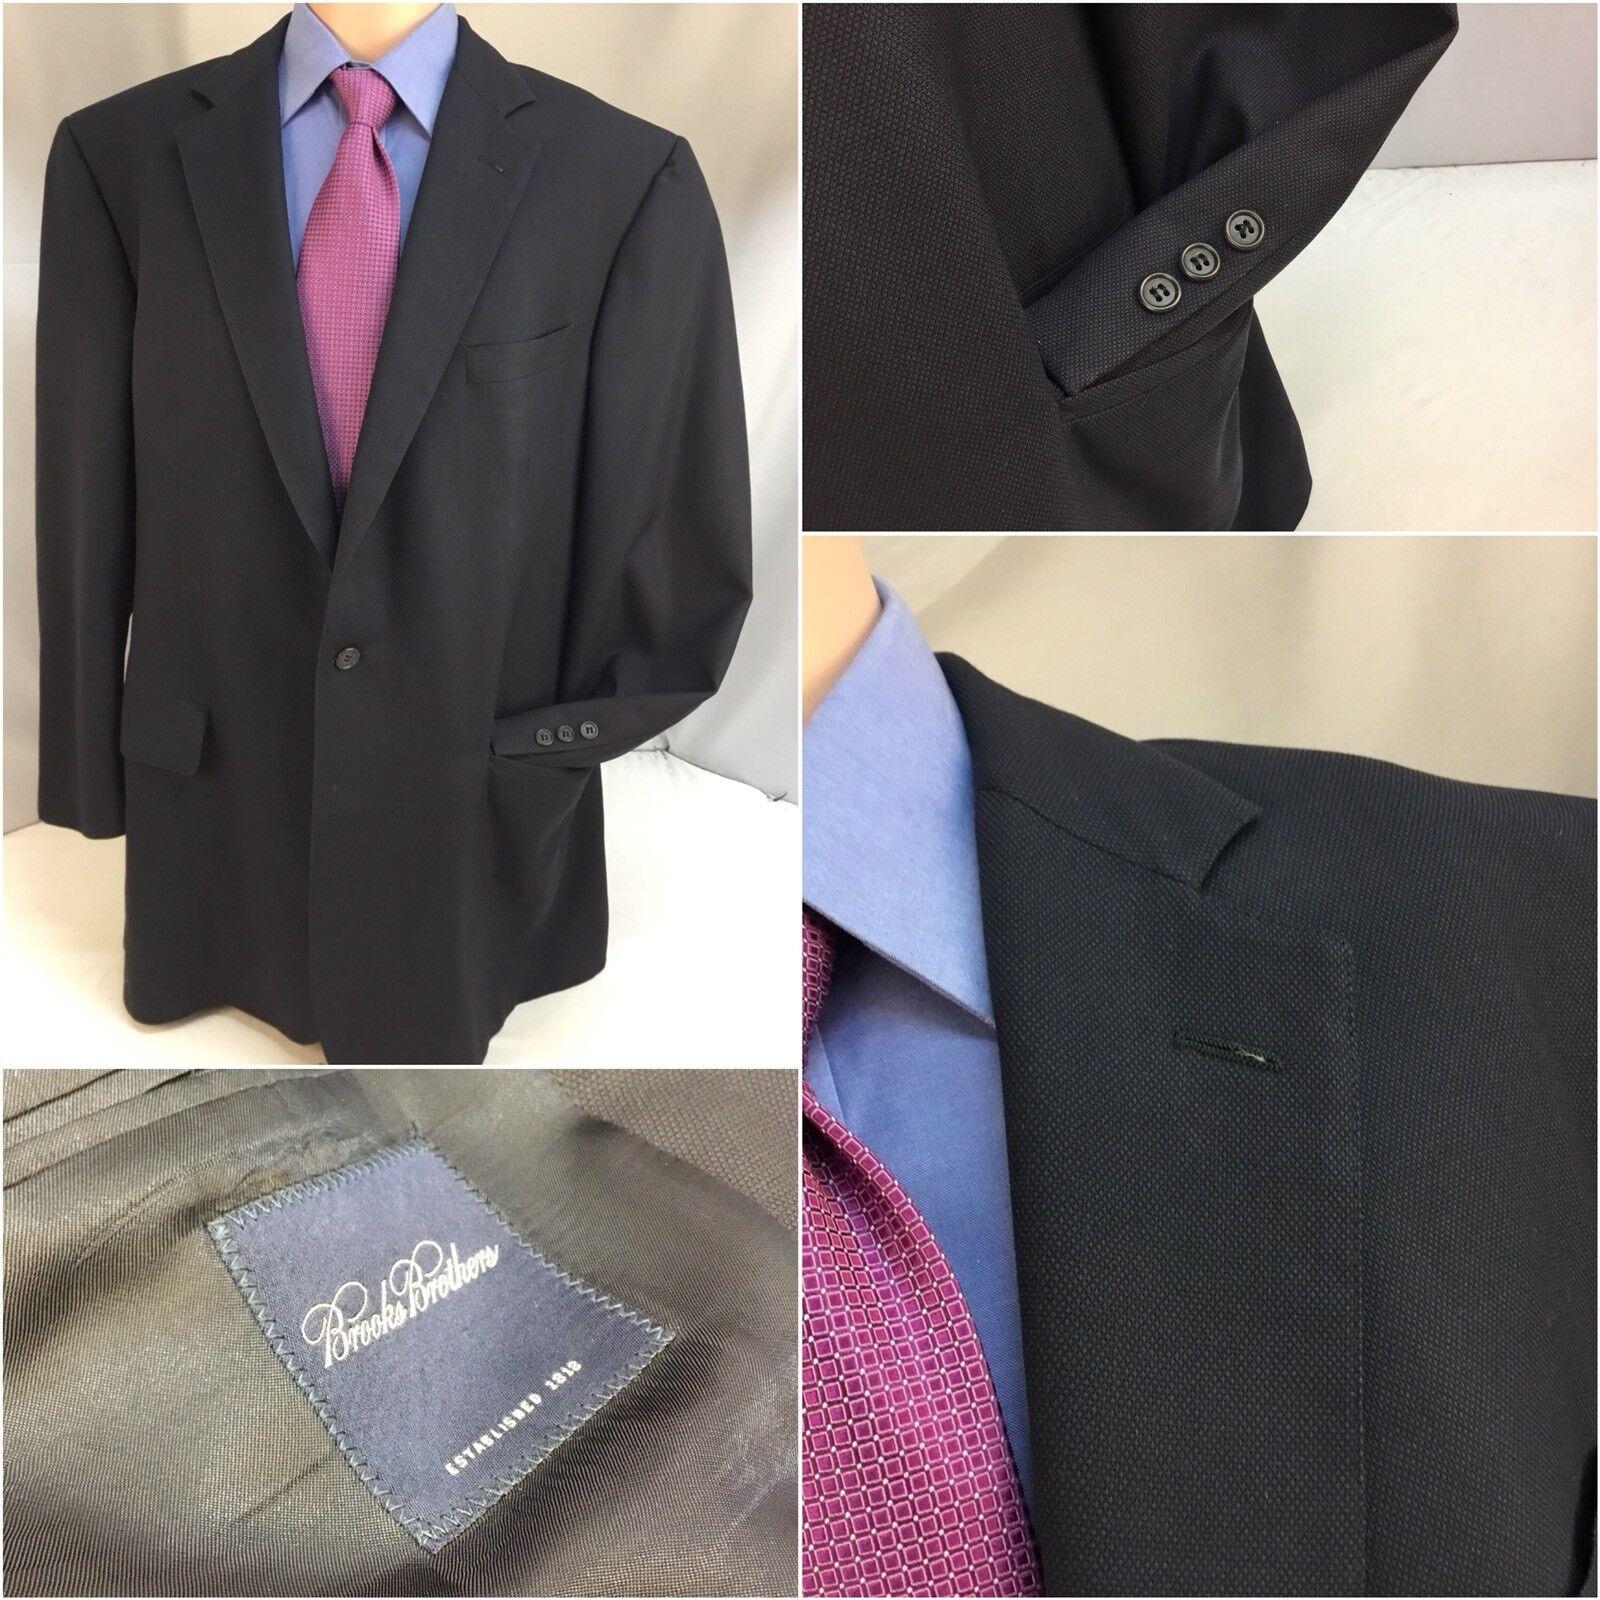 Brooks Brothers Blazer 45L Blau 2b 1v 100% Wool 45 L USA EUC YGI 9482